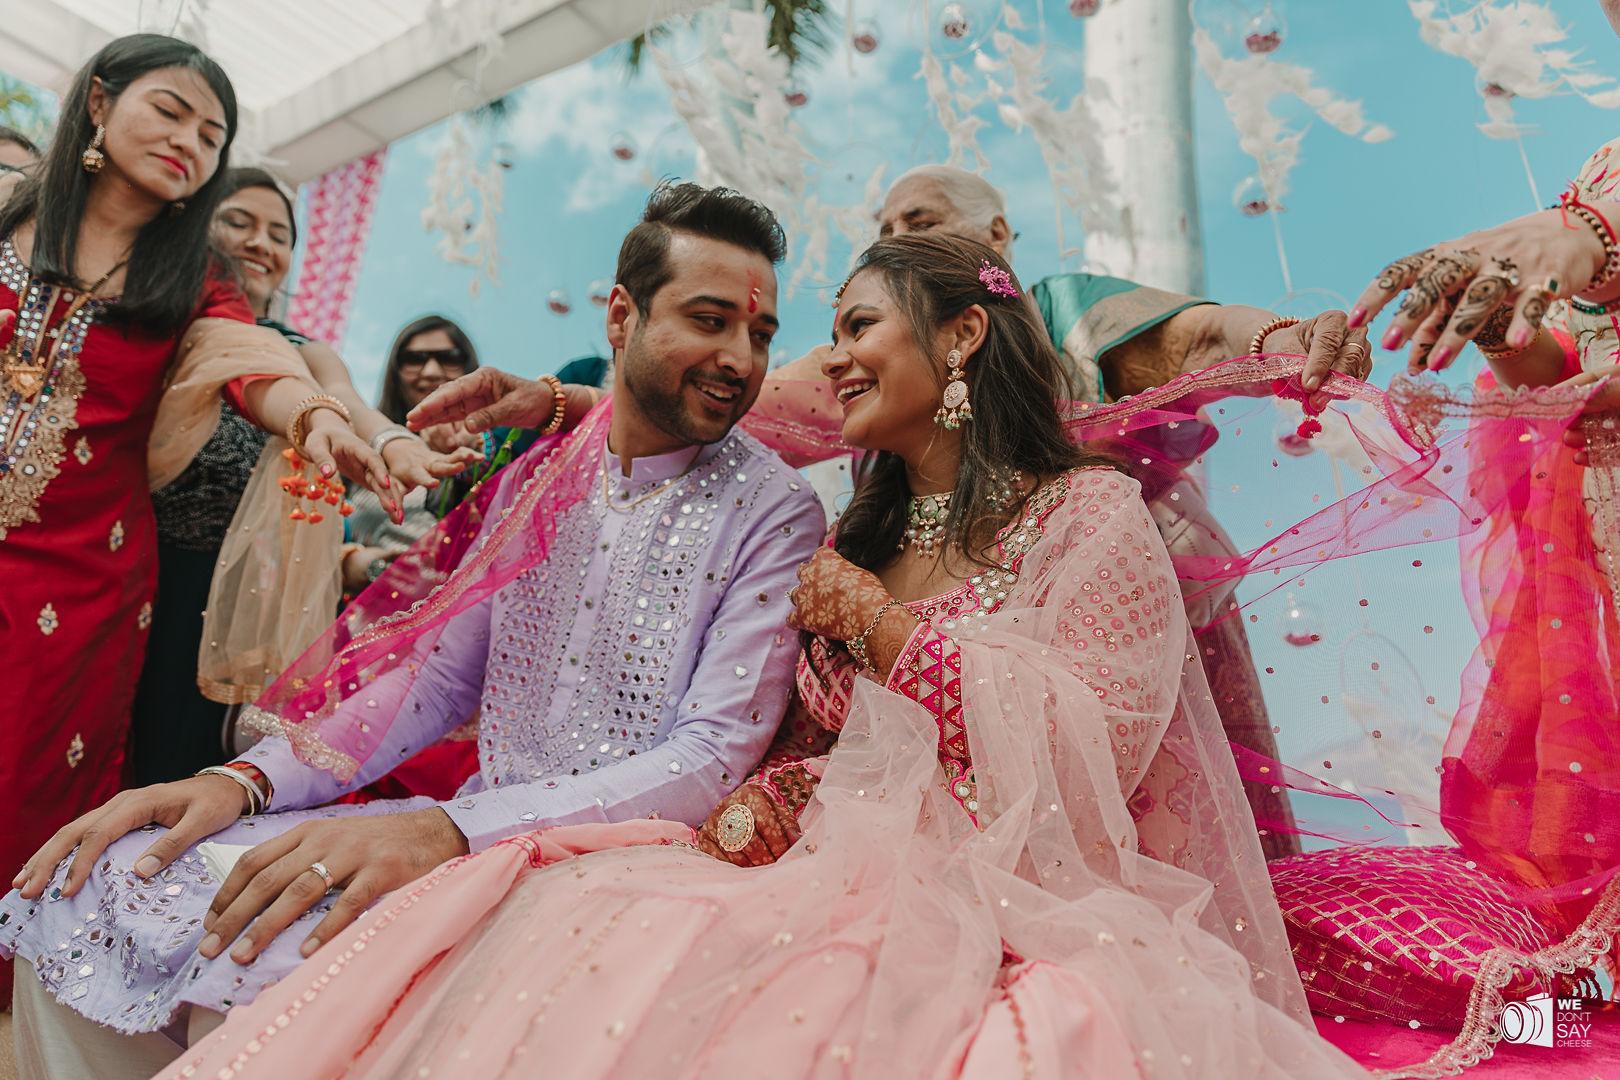 romantic shot of the happy couple